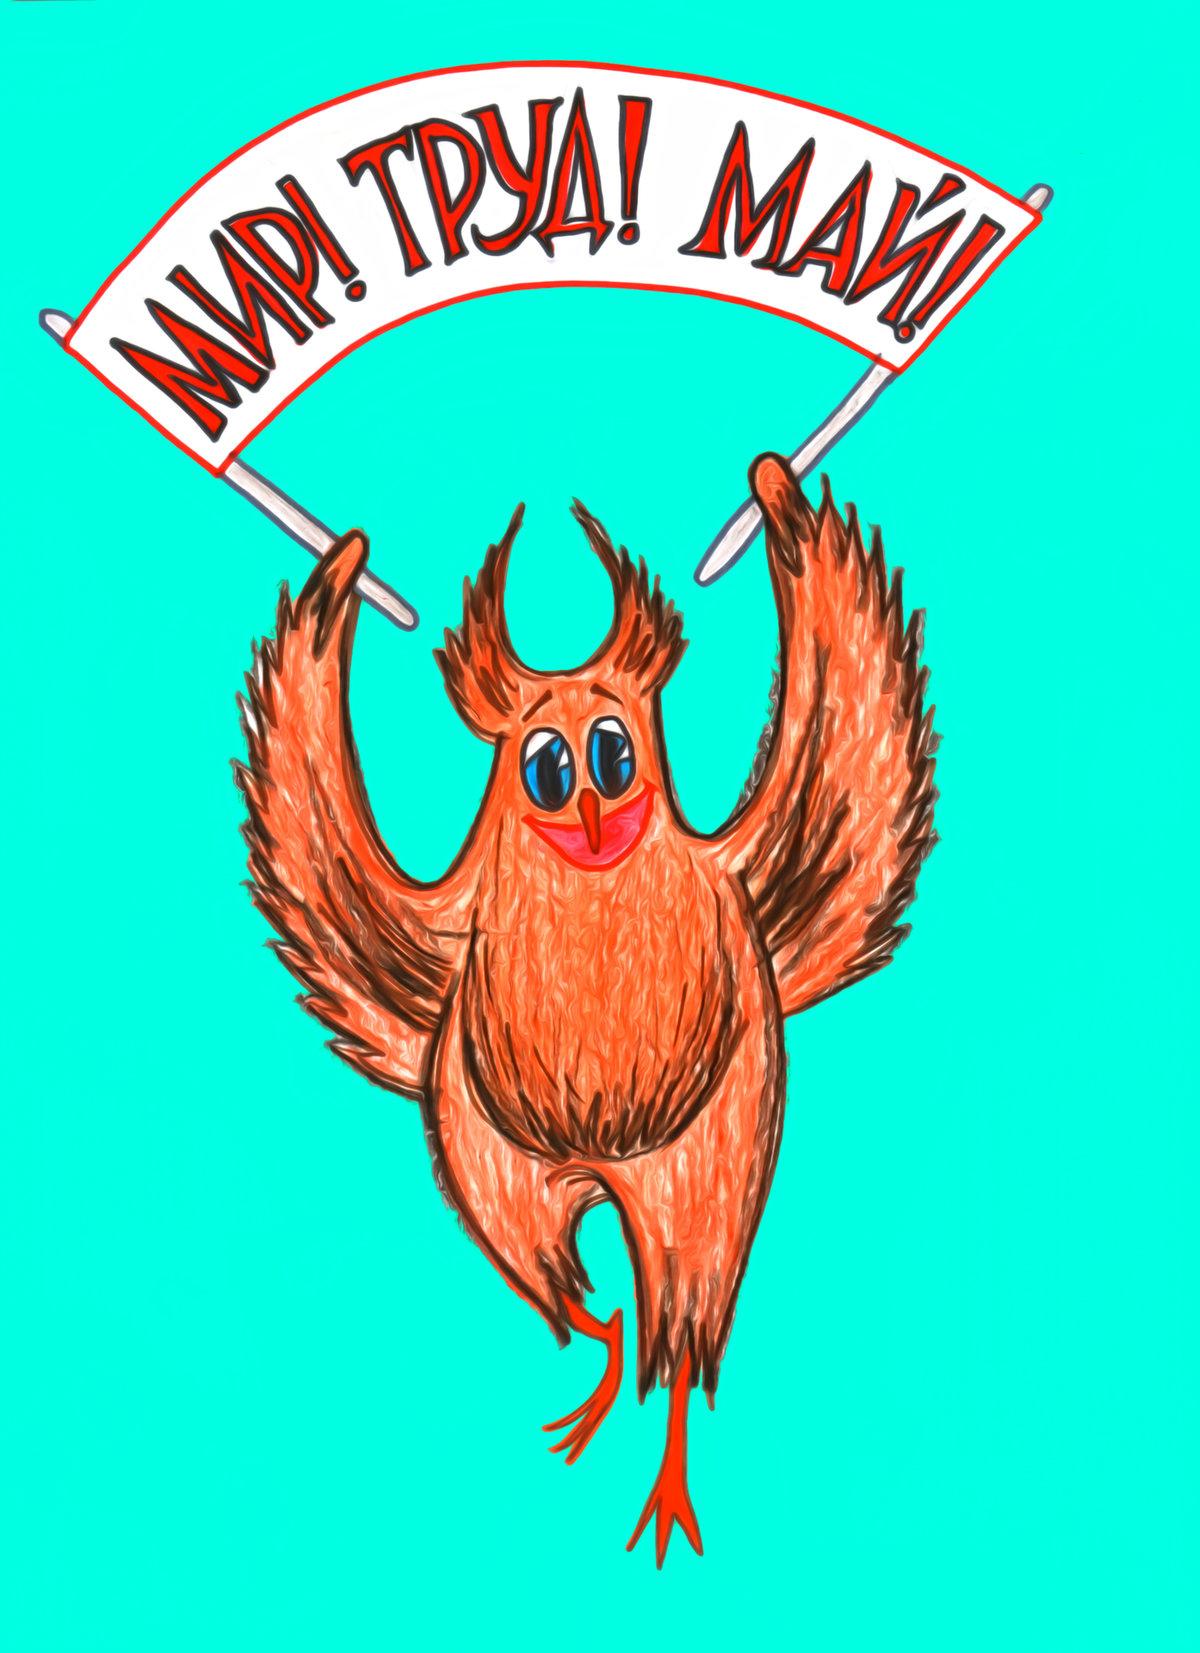 Красивые открытки бесплатно для вас / Beautiful postcards are free for you, p_i_r_a_n_y_a - Сова Ульяна празднует первое мая